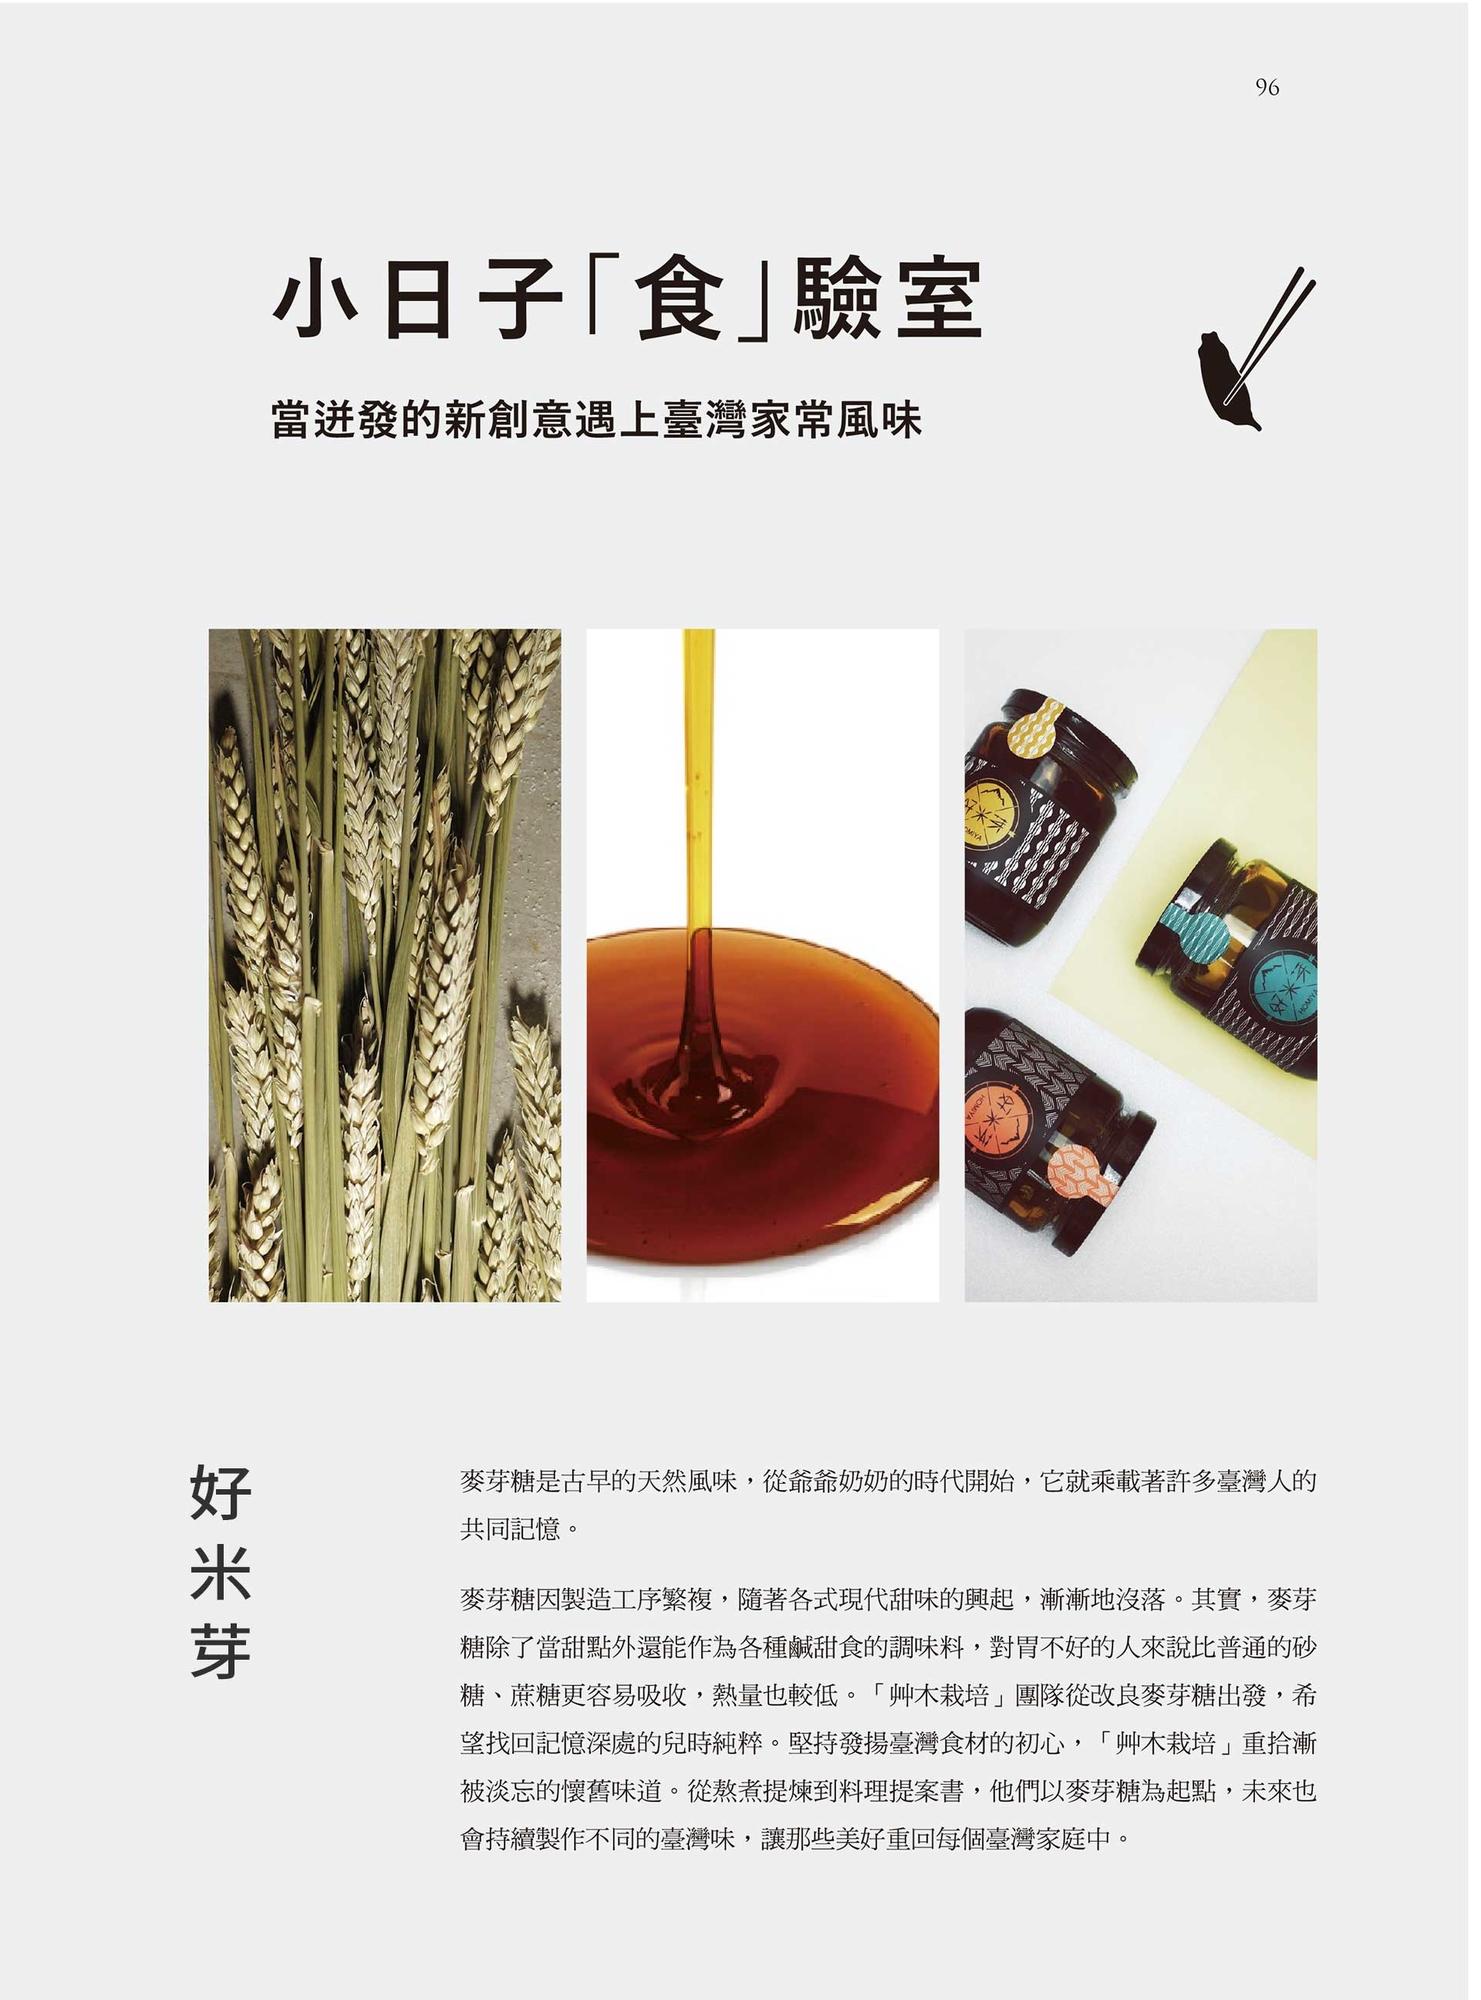 小日子「食」驗室 當迸發的新創意遇上台灣家常風味